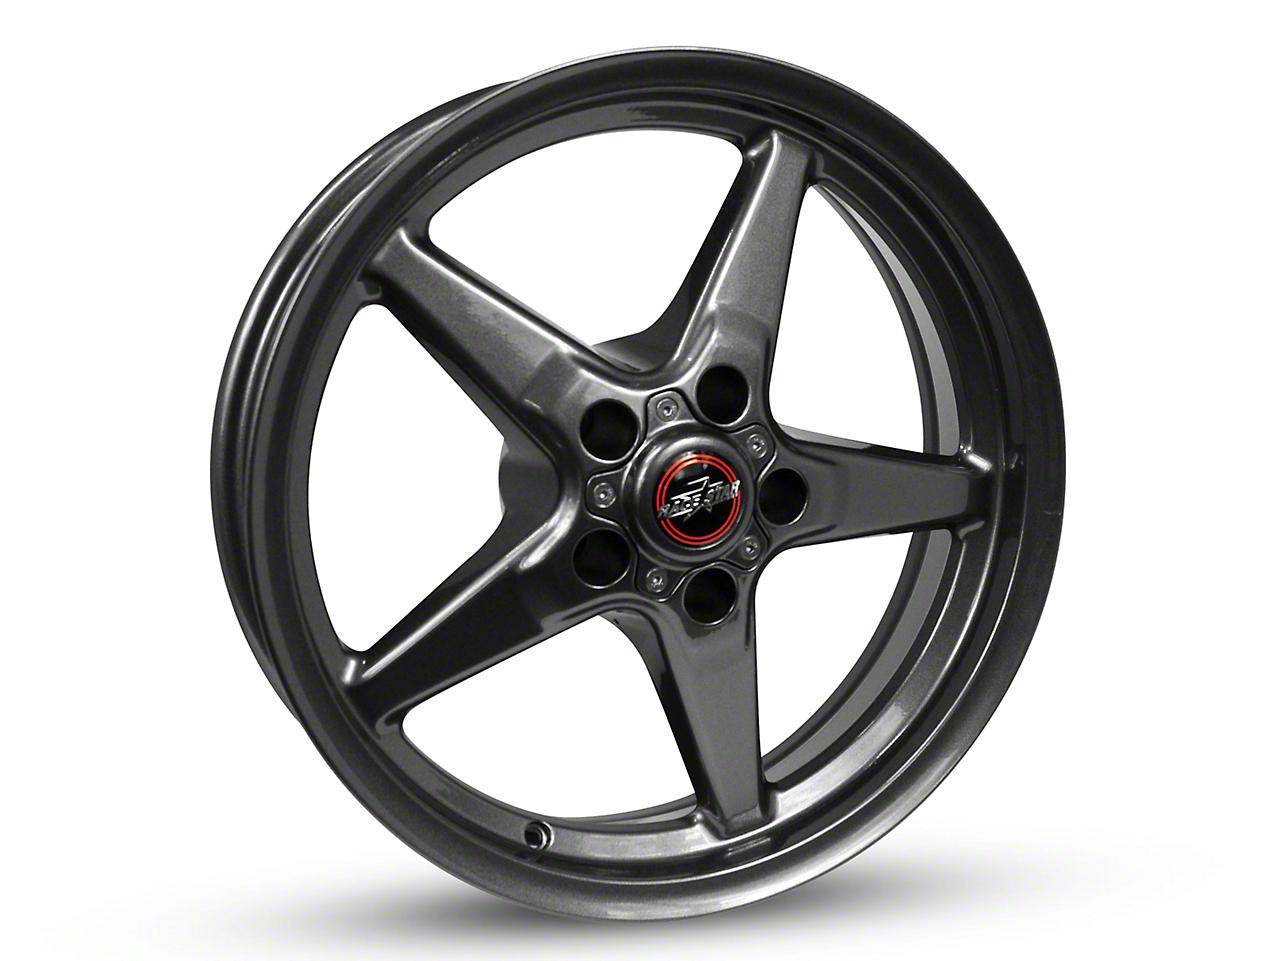 Race Star 92 Drag Star Bracket Racer Metallic Gray Wheel - 15x8 (94-04 GT, V6)